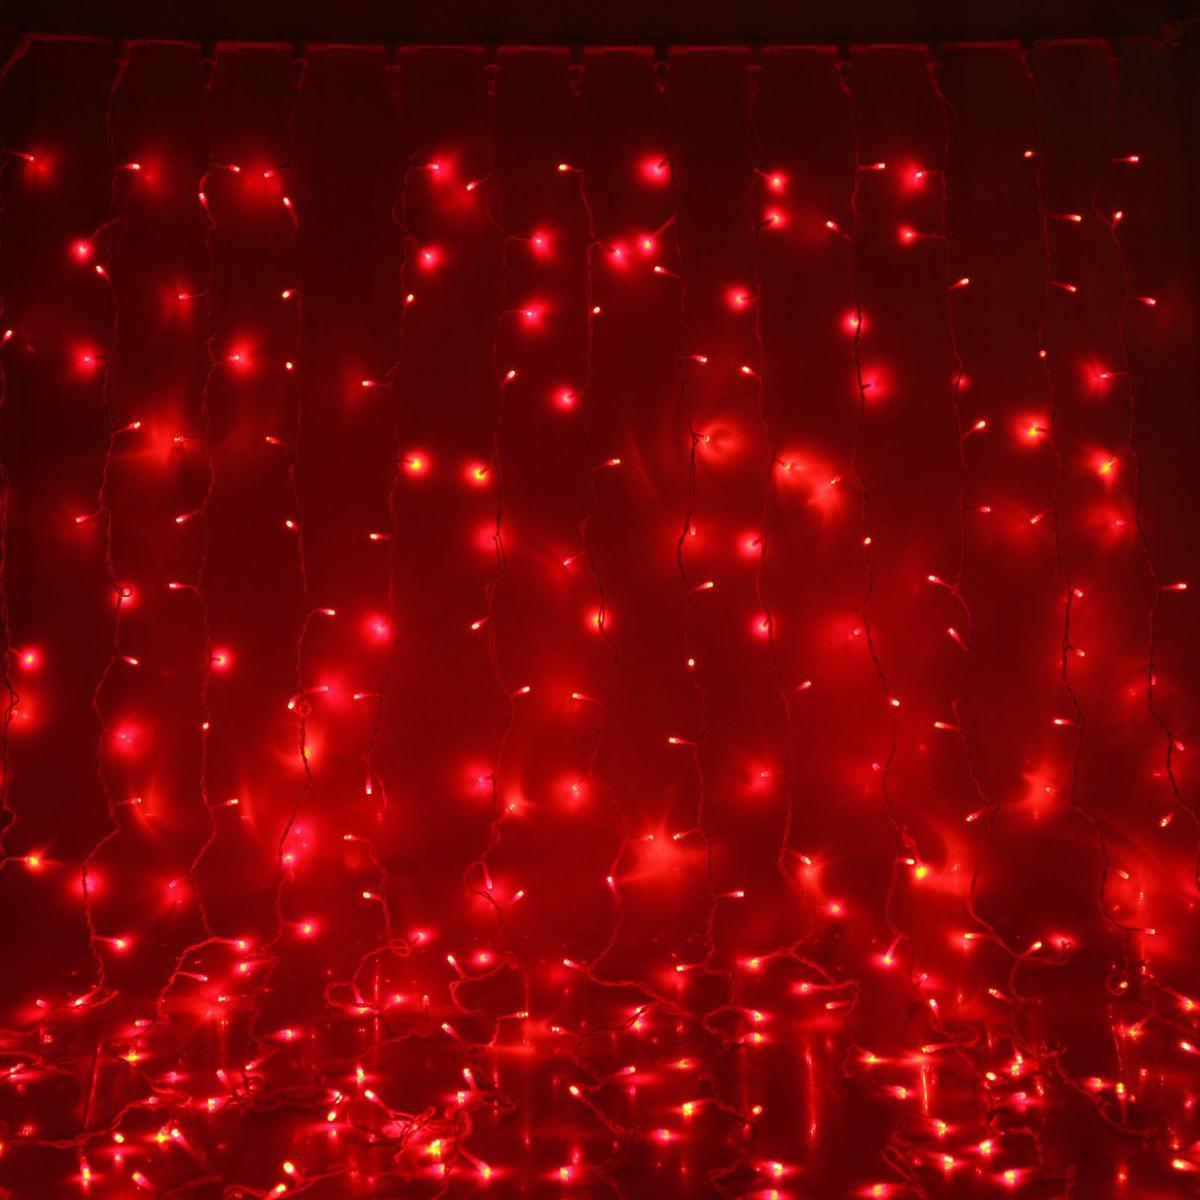 Гирлянда светодиодная Luazon Занавес, цвет: красный, уличная, 1440 ламп, 280-220 V, 2 х 6 м. 10802741080274Гирлянда светодиодная Luazon Занавес - это отличный вариант для новогоднего оформления интерьера или фасада. С ее помощью помещение любого размера можно превратить в праздничный зал, а внешние элементы зданий, украшенные гирляндой, мгновенно станут напоминать очертания сказочного дворца. Такое украшение создаст ауру предвкушения чуда. Деревья, фасады, витрины, окна и арки будто специально созданы, чтобы вы украсили их светящимися нитями.